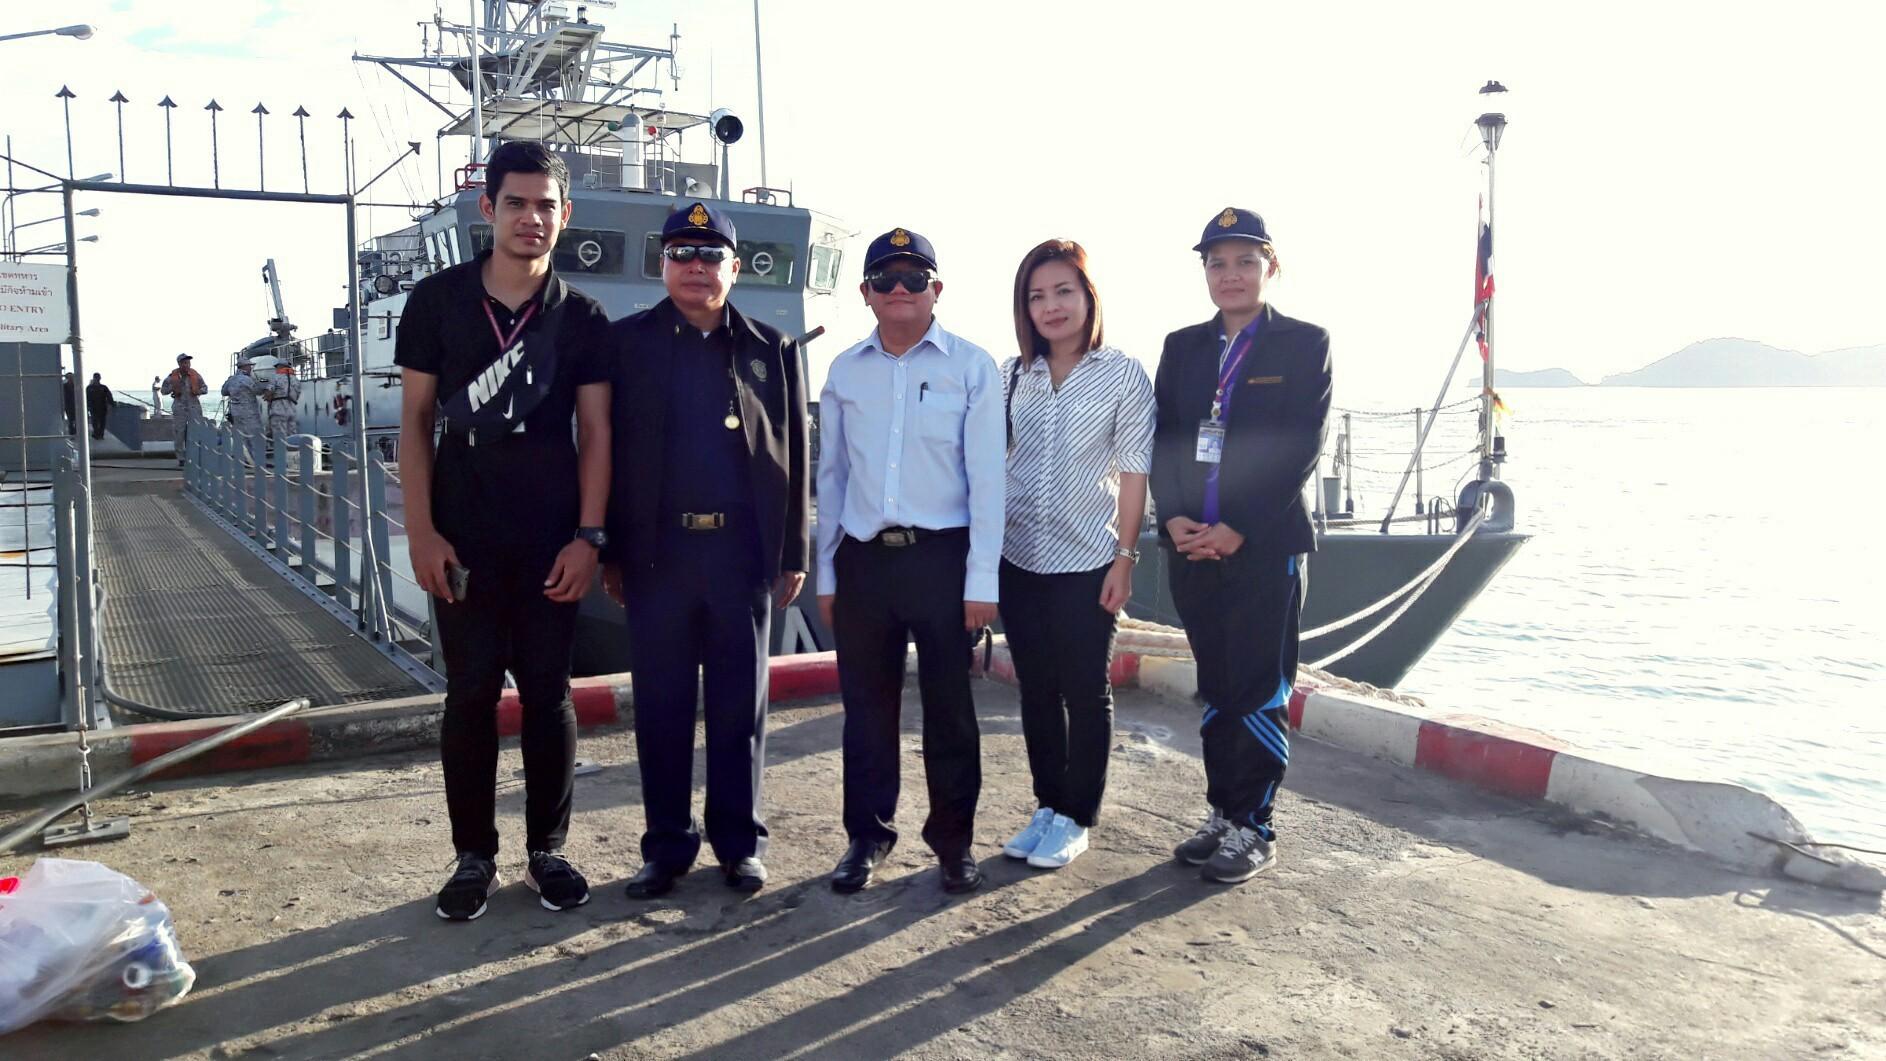 สำนักงานจัดหางานจังหวัดภูเก็ตร่วมบูรณาการตรวจเรือประมงพานิชย์